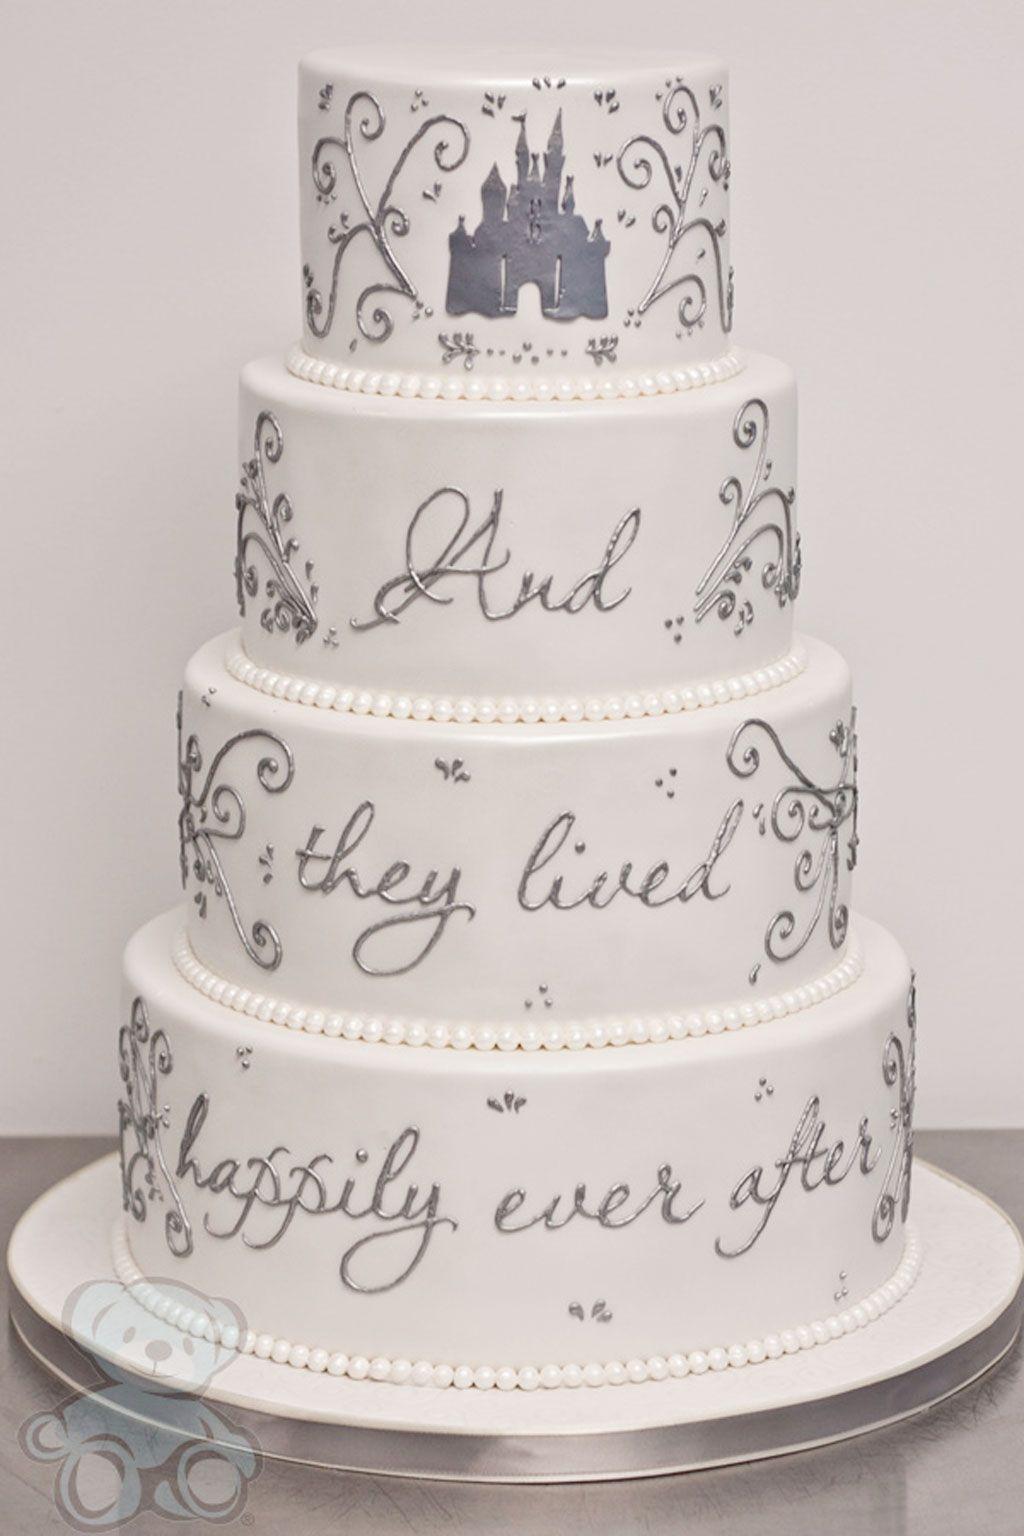 Fairytale-Wedding-Cake   The big day.   Pinterest   Fairytale ...